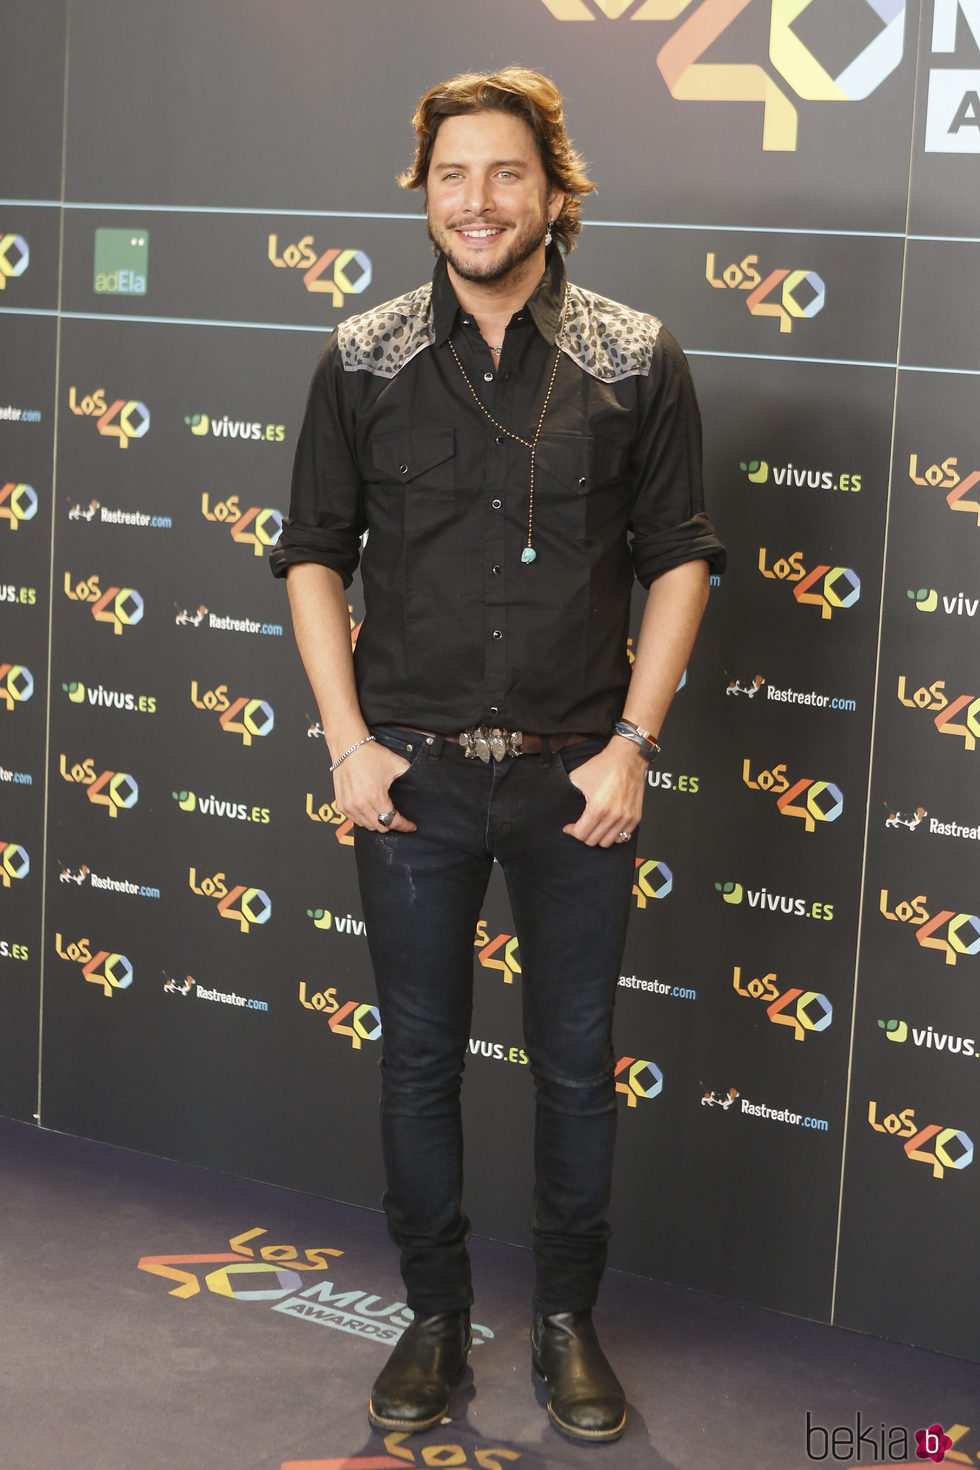 Manuel Carrasco en la cena de los nominados a los Premios 40 Pricipales 2017